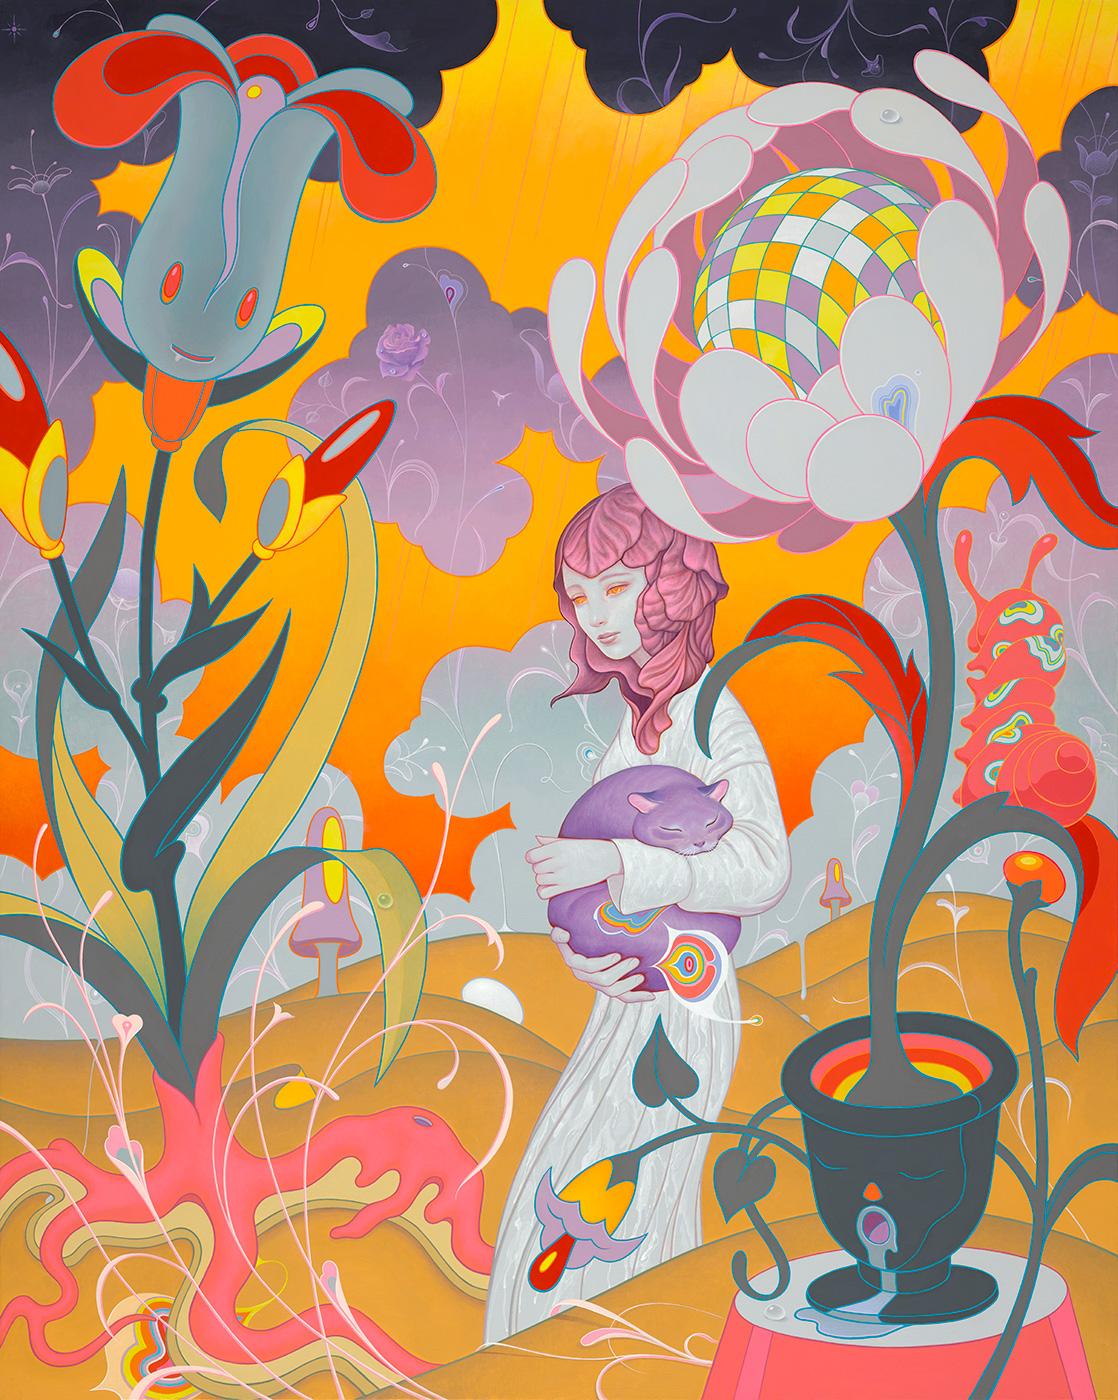 L Arte Delle Unghie: L'arte Inconfondibile Di James Jean